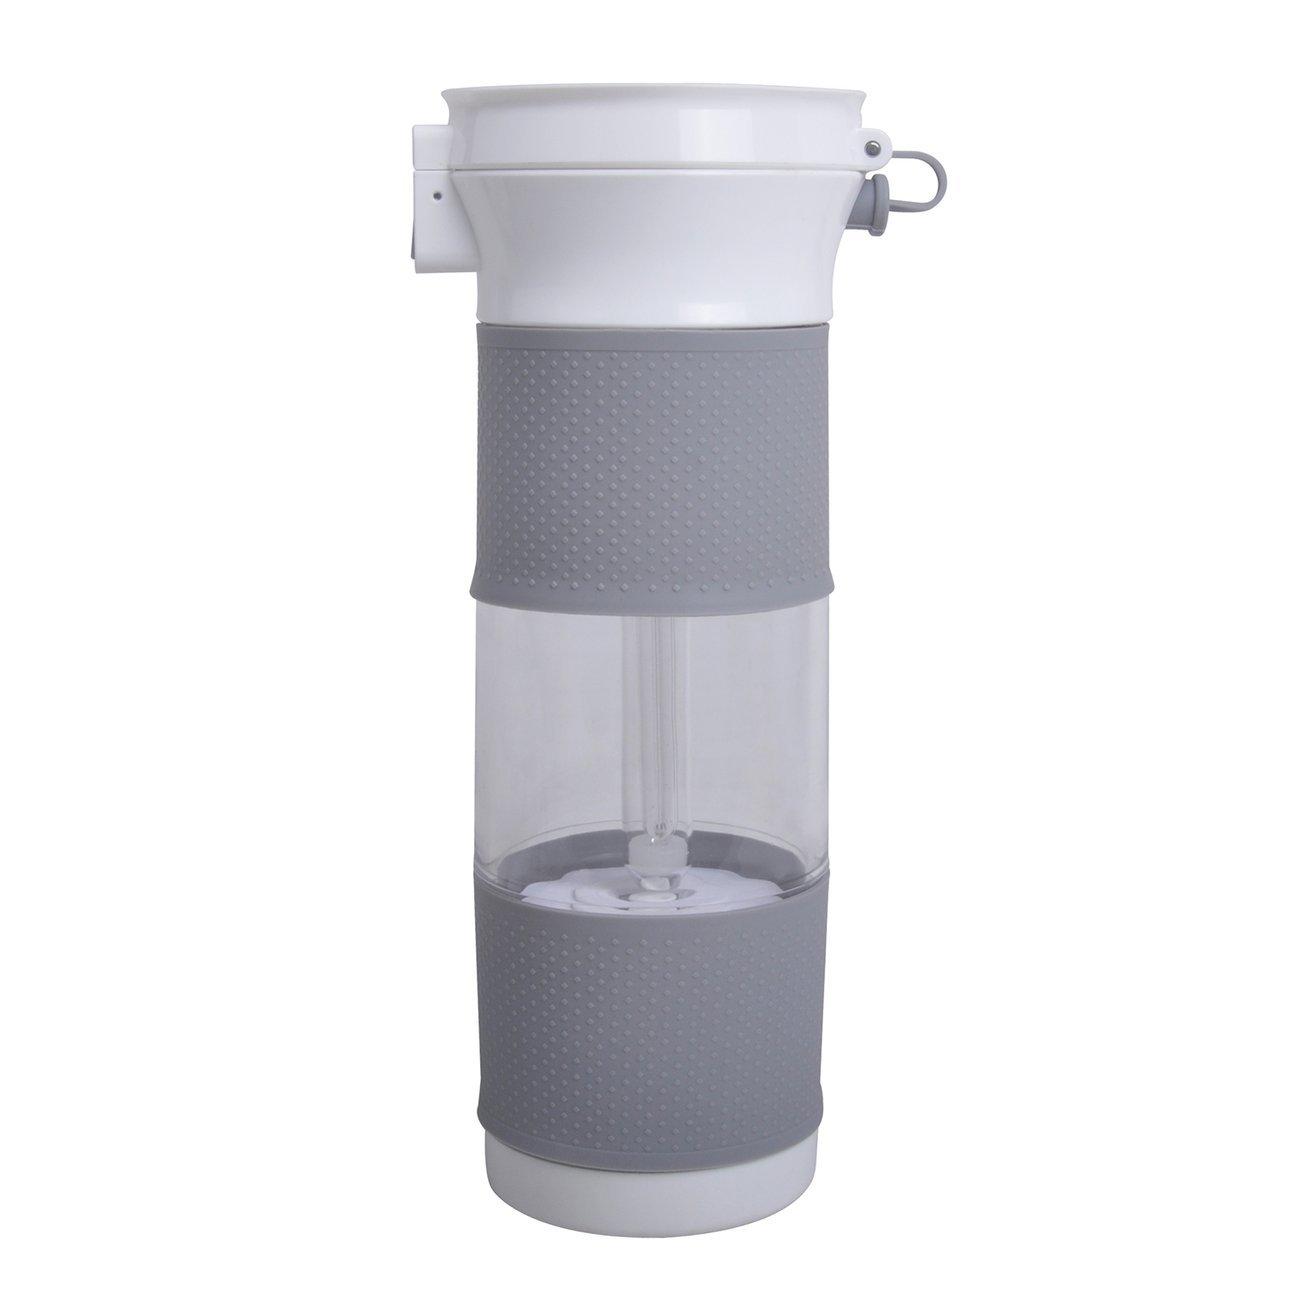 LasVogos Tragbare Größe Gesundheit Wasser Generator ORP-Wasser-Filter-Flasche Hoch Sterilisation Wasseraufbereitungssystem Cup mit elektrischem